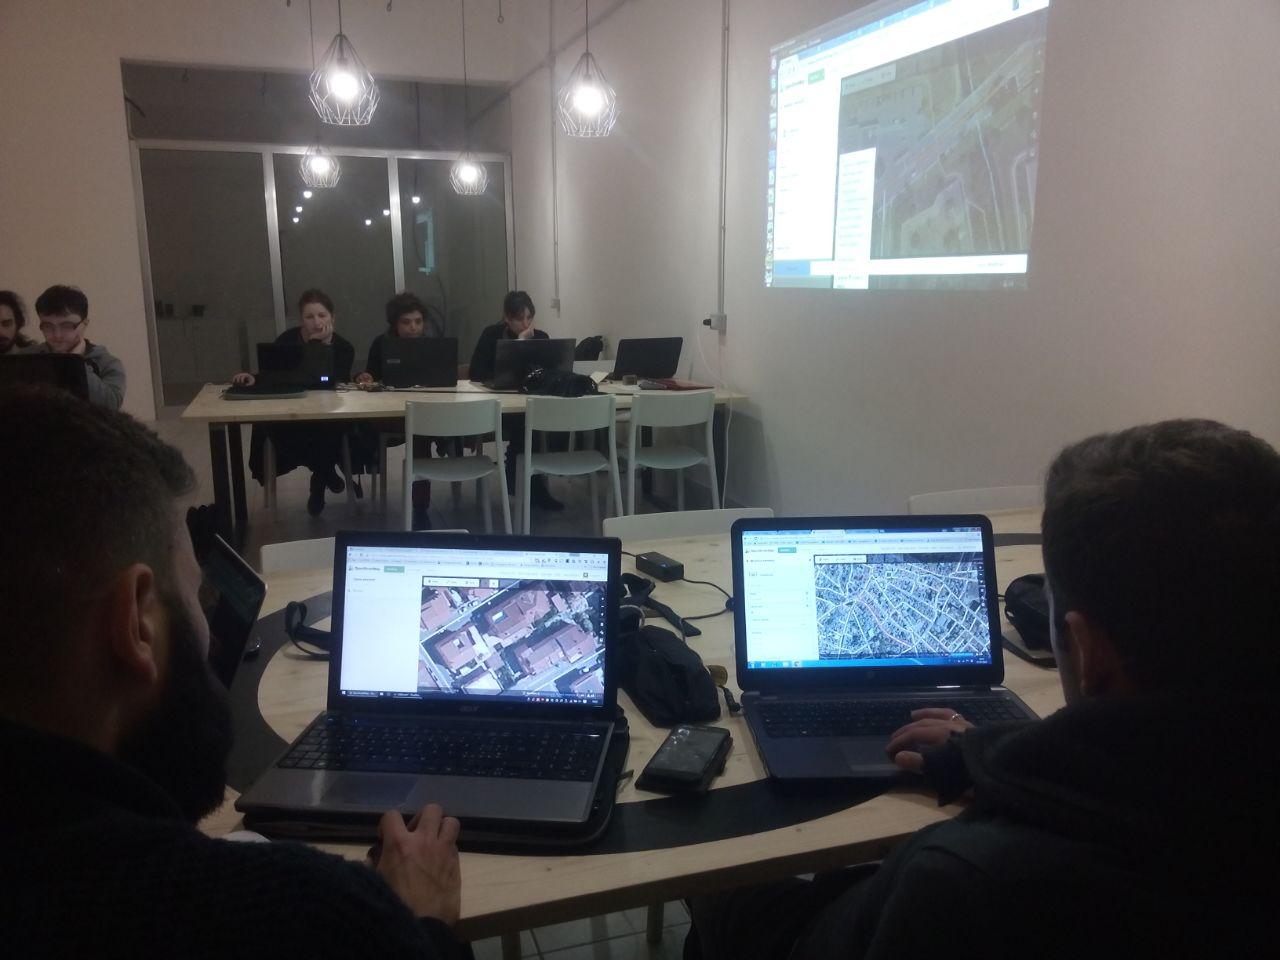 Entriamo nel vivo di @openstreetmap con l'editor ID! Esploriamo la città! #MappingMeetings #Cagliari da @hubspokers https://t.co/fjRhlat2EC